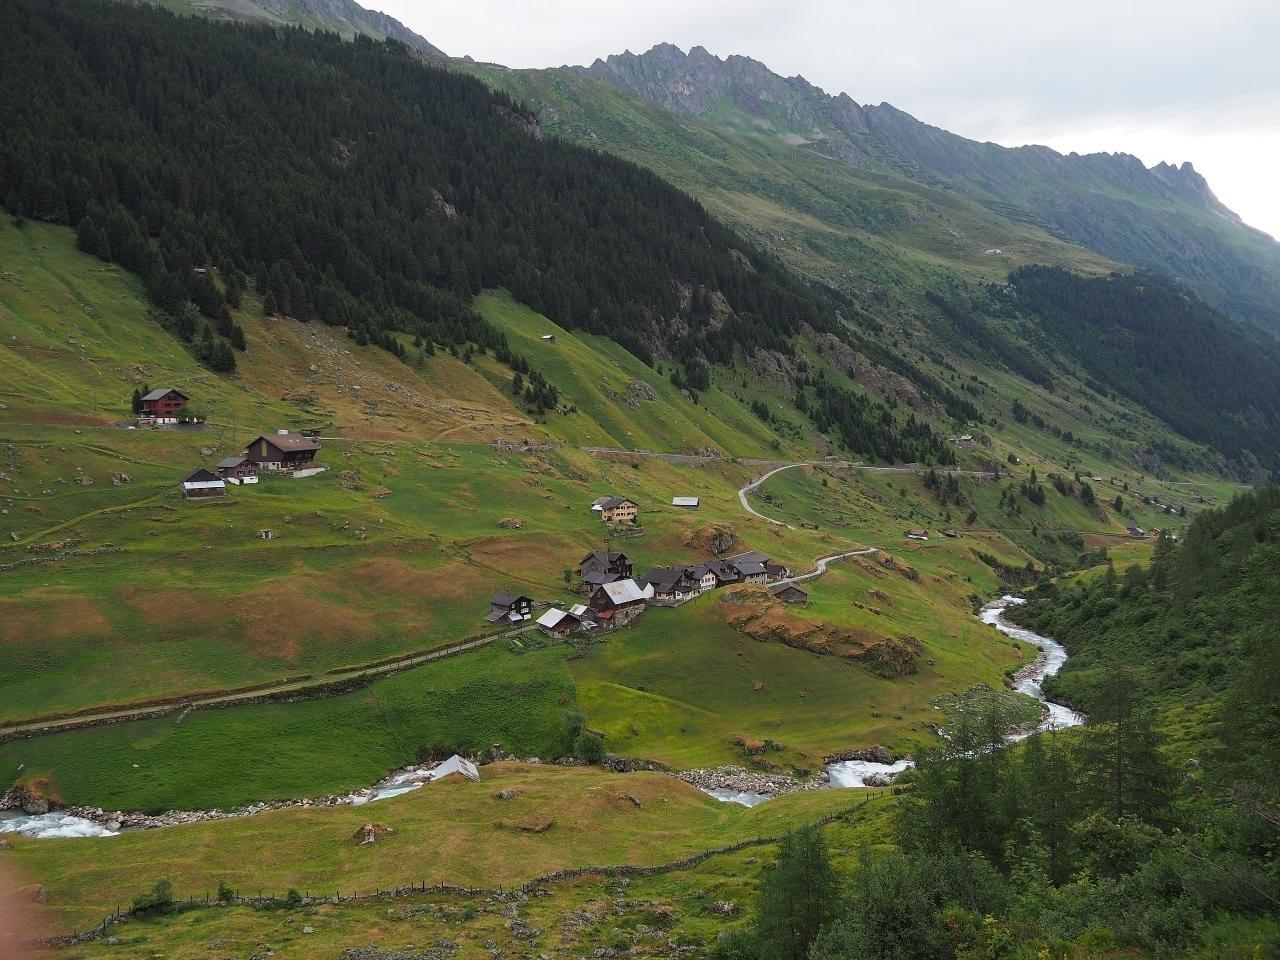 스위스 자동차 여행, 마이엔로이스(Meienreuss)강이 흐르는 계곡따라 달라는 수스텐 패스(Susten PASS)와 그 주변 풍경, Faernigen, Wassen UR, Schweiz,  Image - Michael D. Schmid